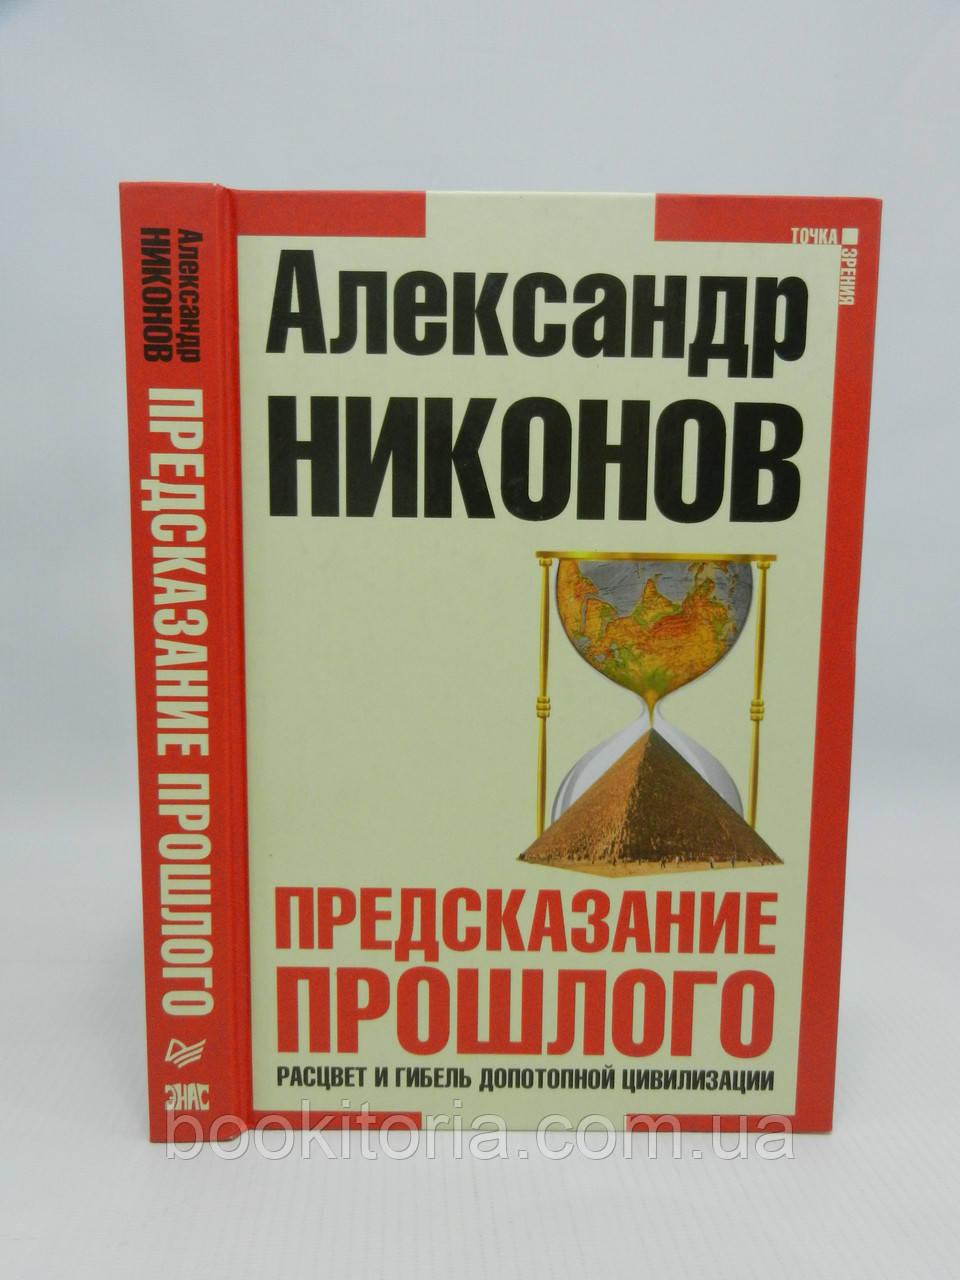 Никонов А. Предсказание прошлого. Расцвет и гибель допотопной цивилизации (б/у).